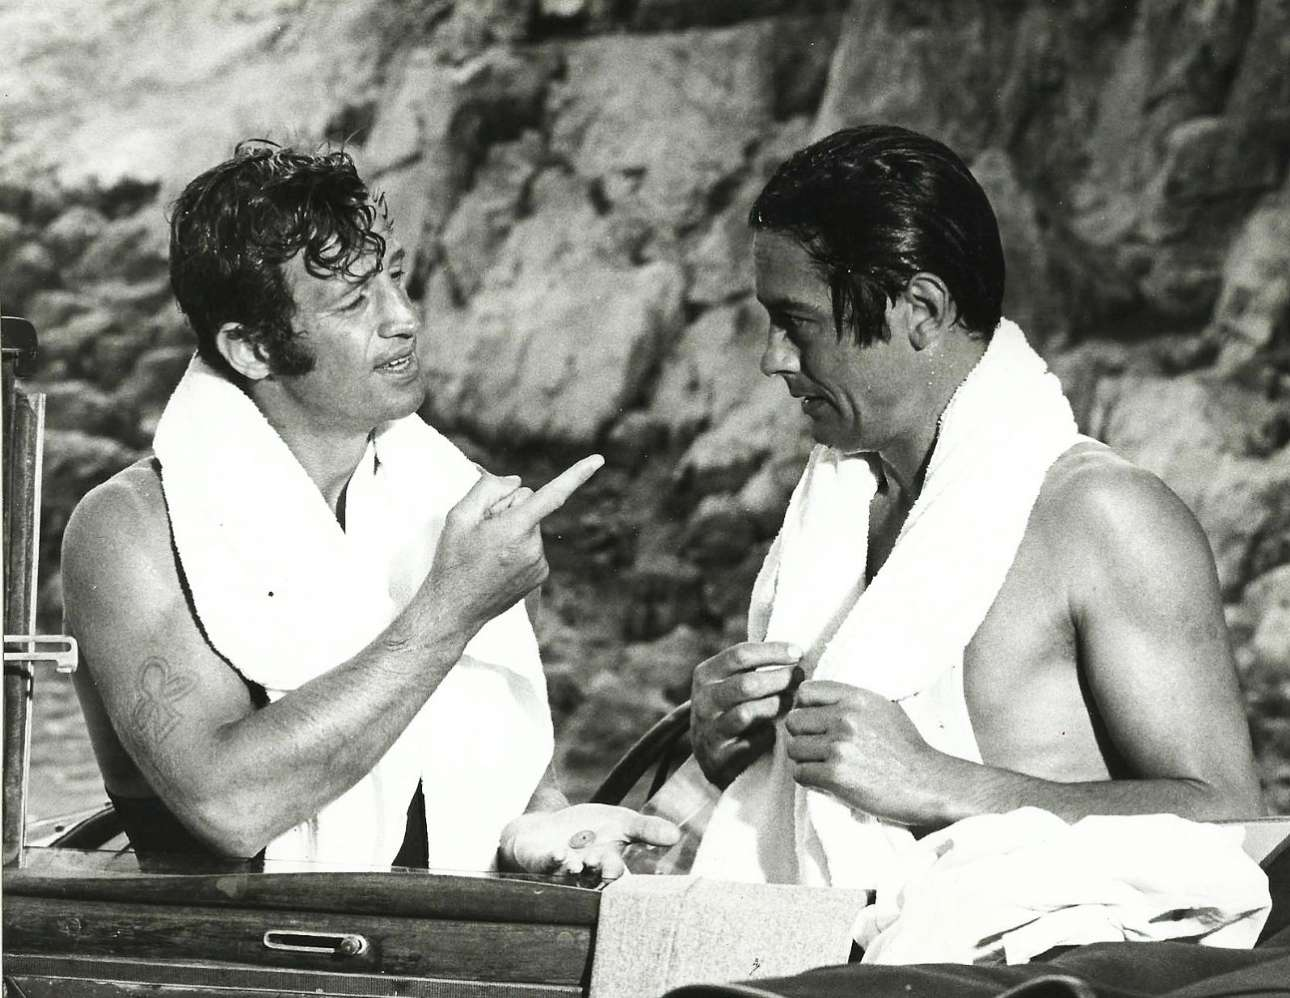 Ο Ντελόν με τον Ζαν-Πολ Μπελμοντό στο «Borsalino» (1970)